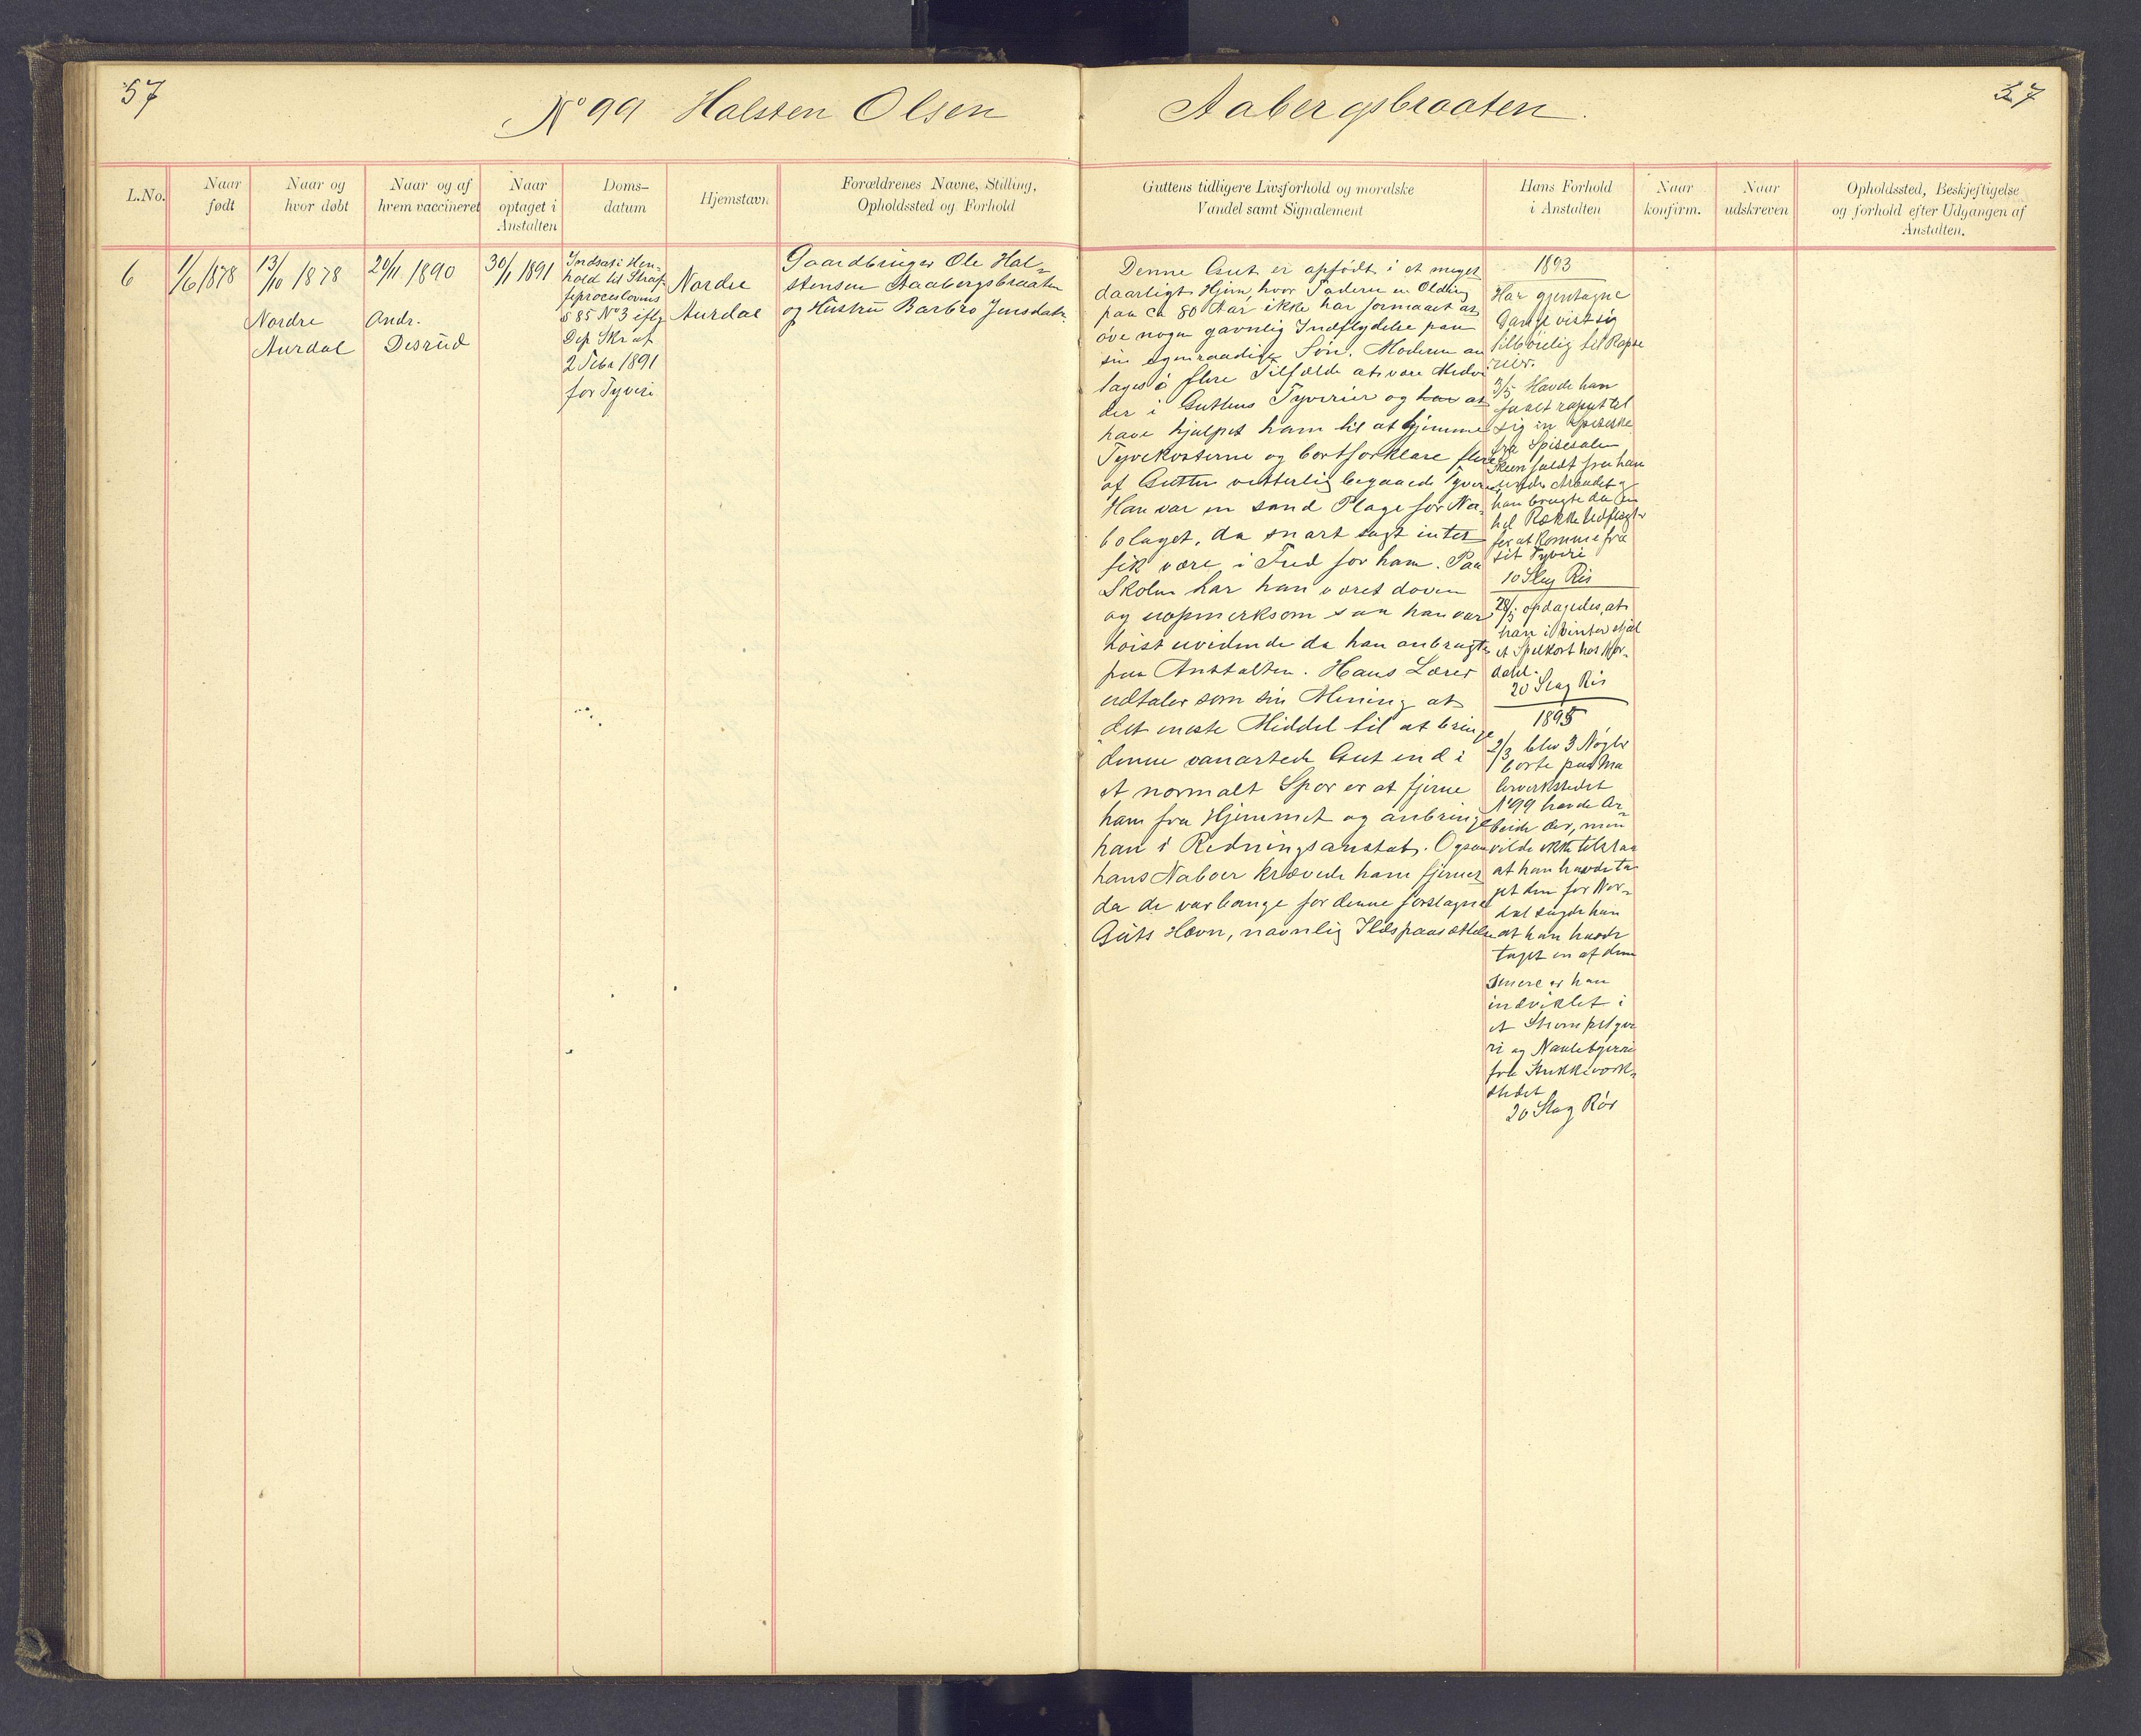 SAH, Toftes Gave, F/Fc/L0003: Elevprotokoll, 1886-1897, s. 57